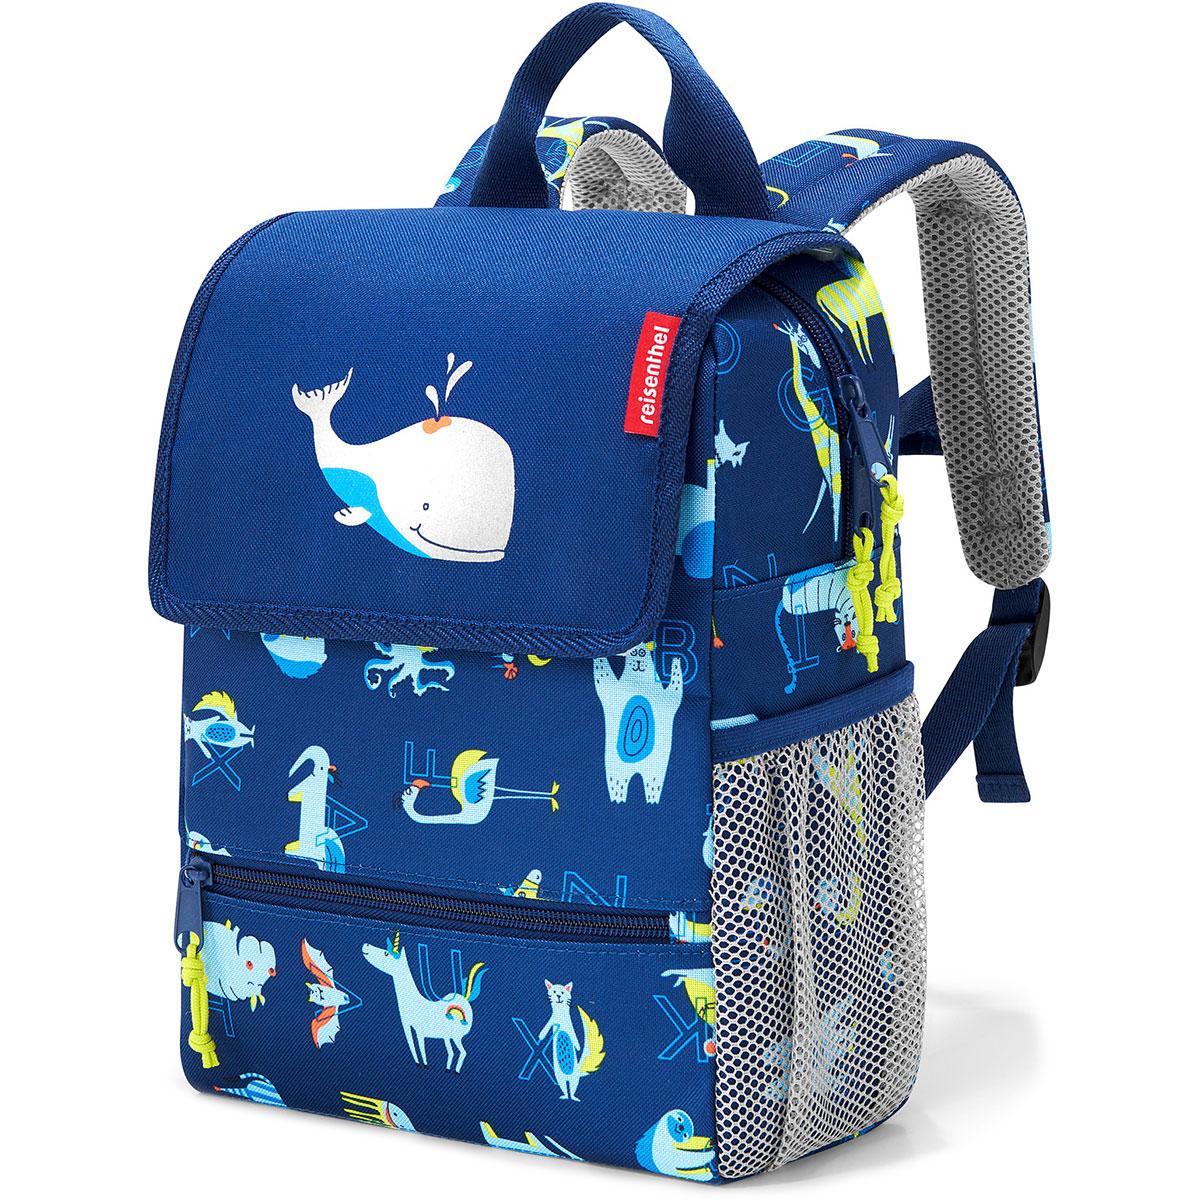 1ec63f8e3801b Plecak dla dzieci Backpack Kids abc friends Reisenthel niebieski ...